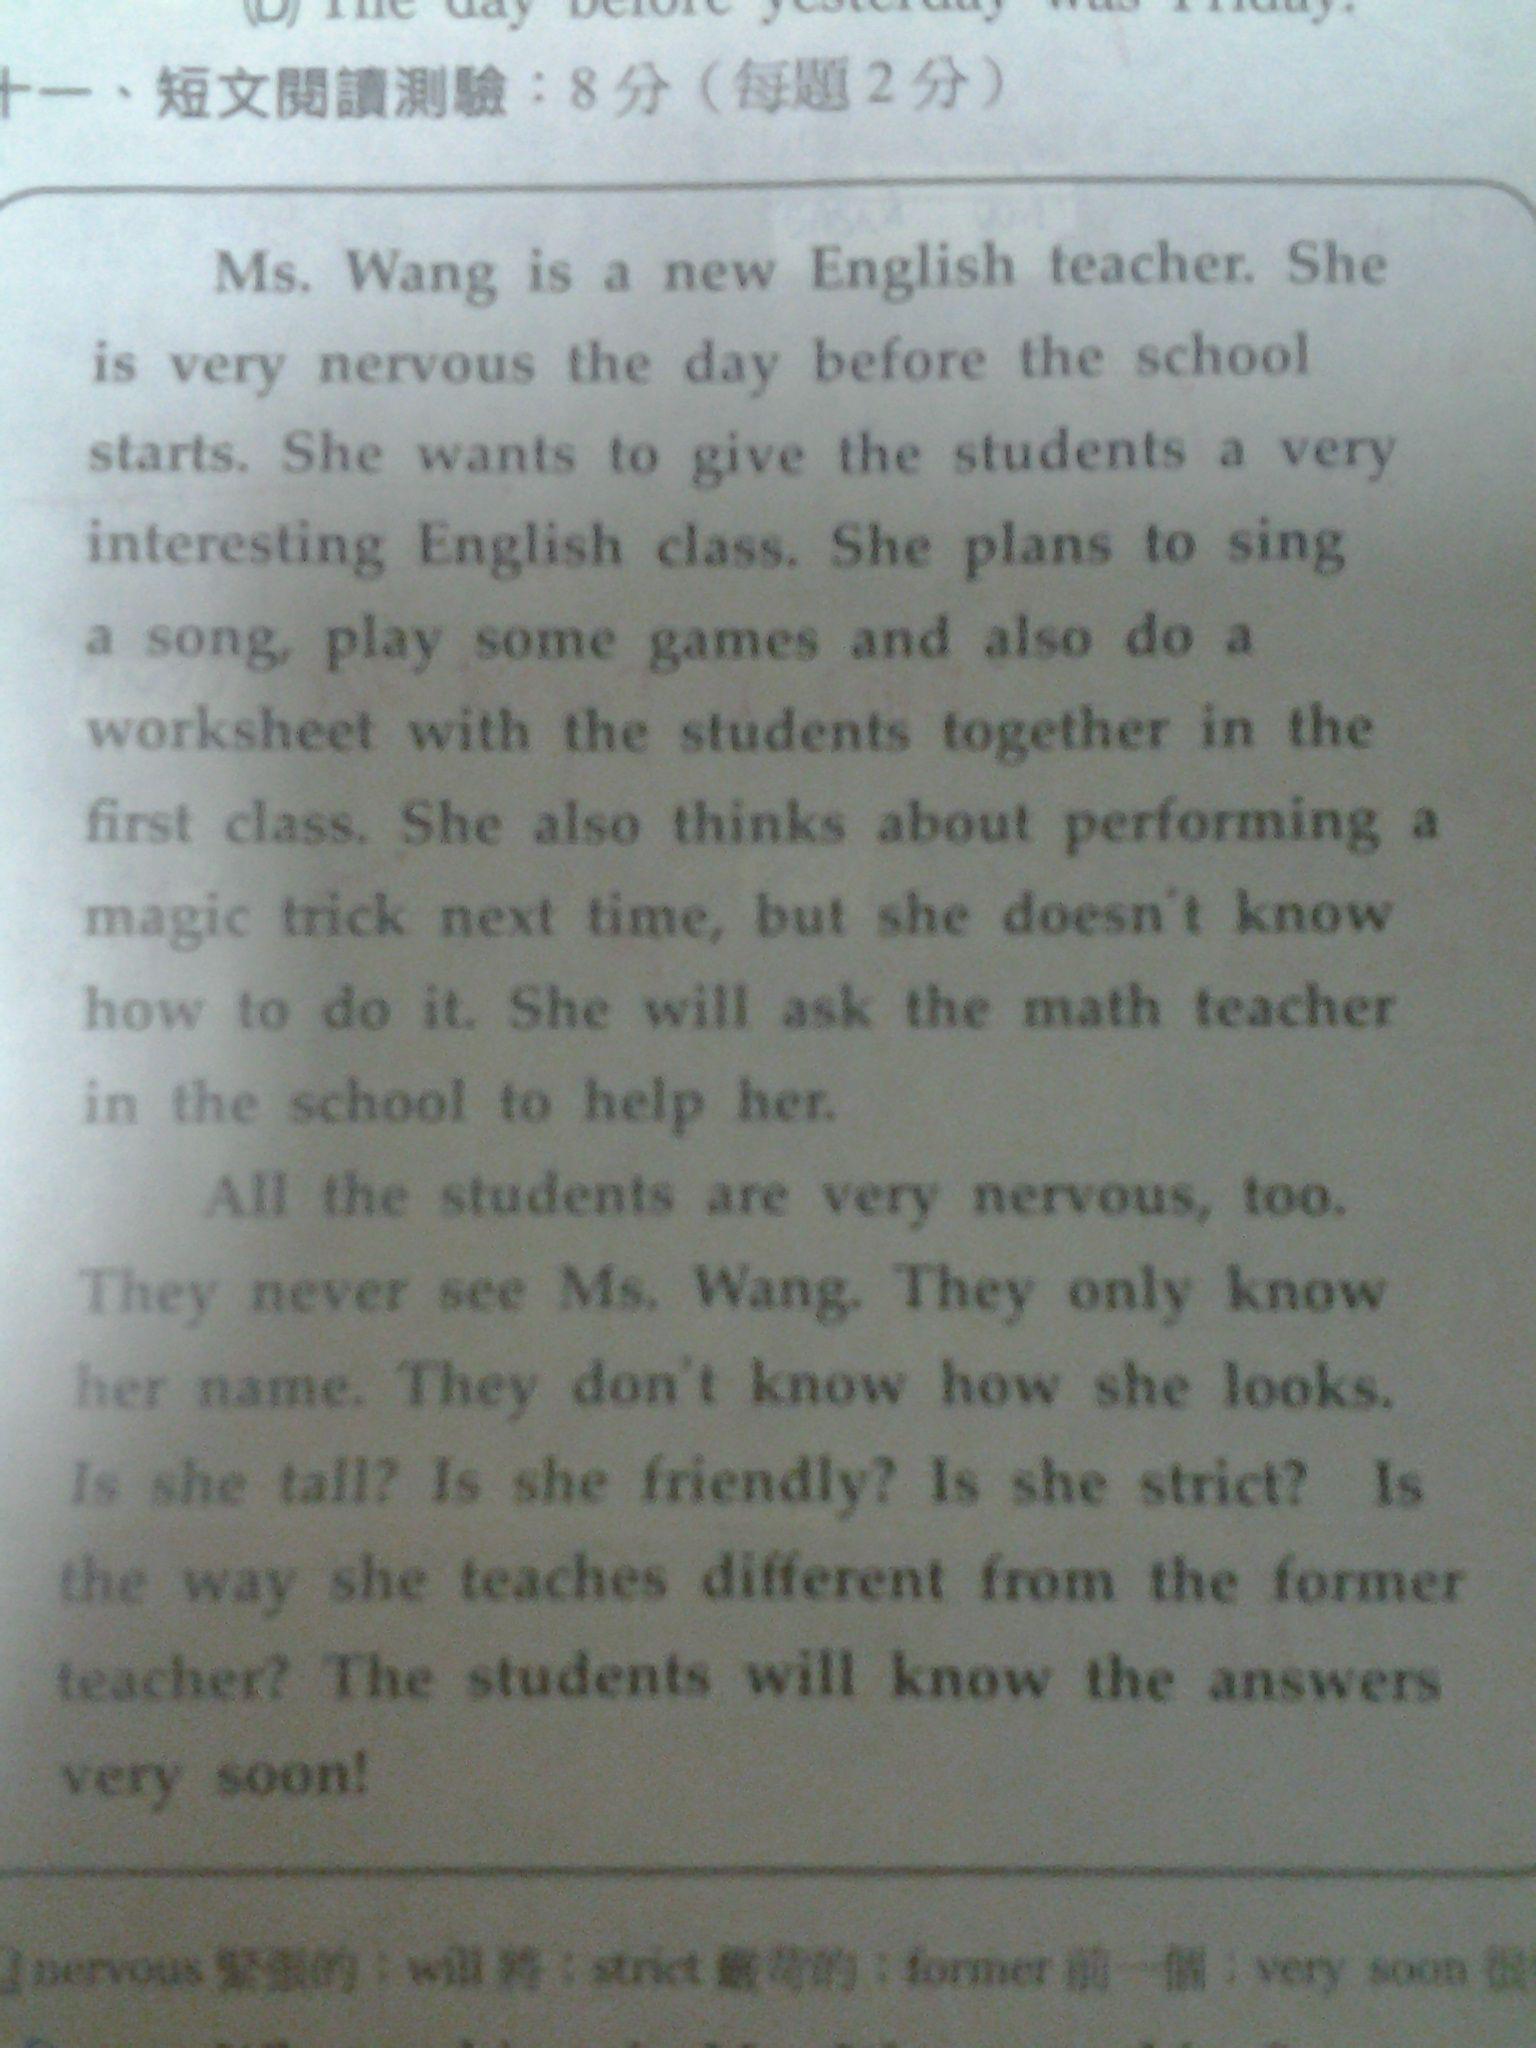 求一个英语翻译,因为涉及阅读,翻译出的两个意思会模糊选项,谢谢大神